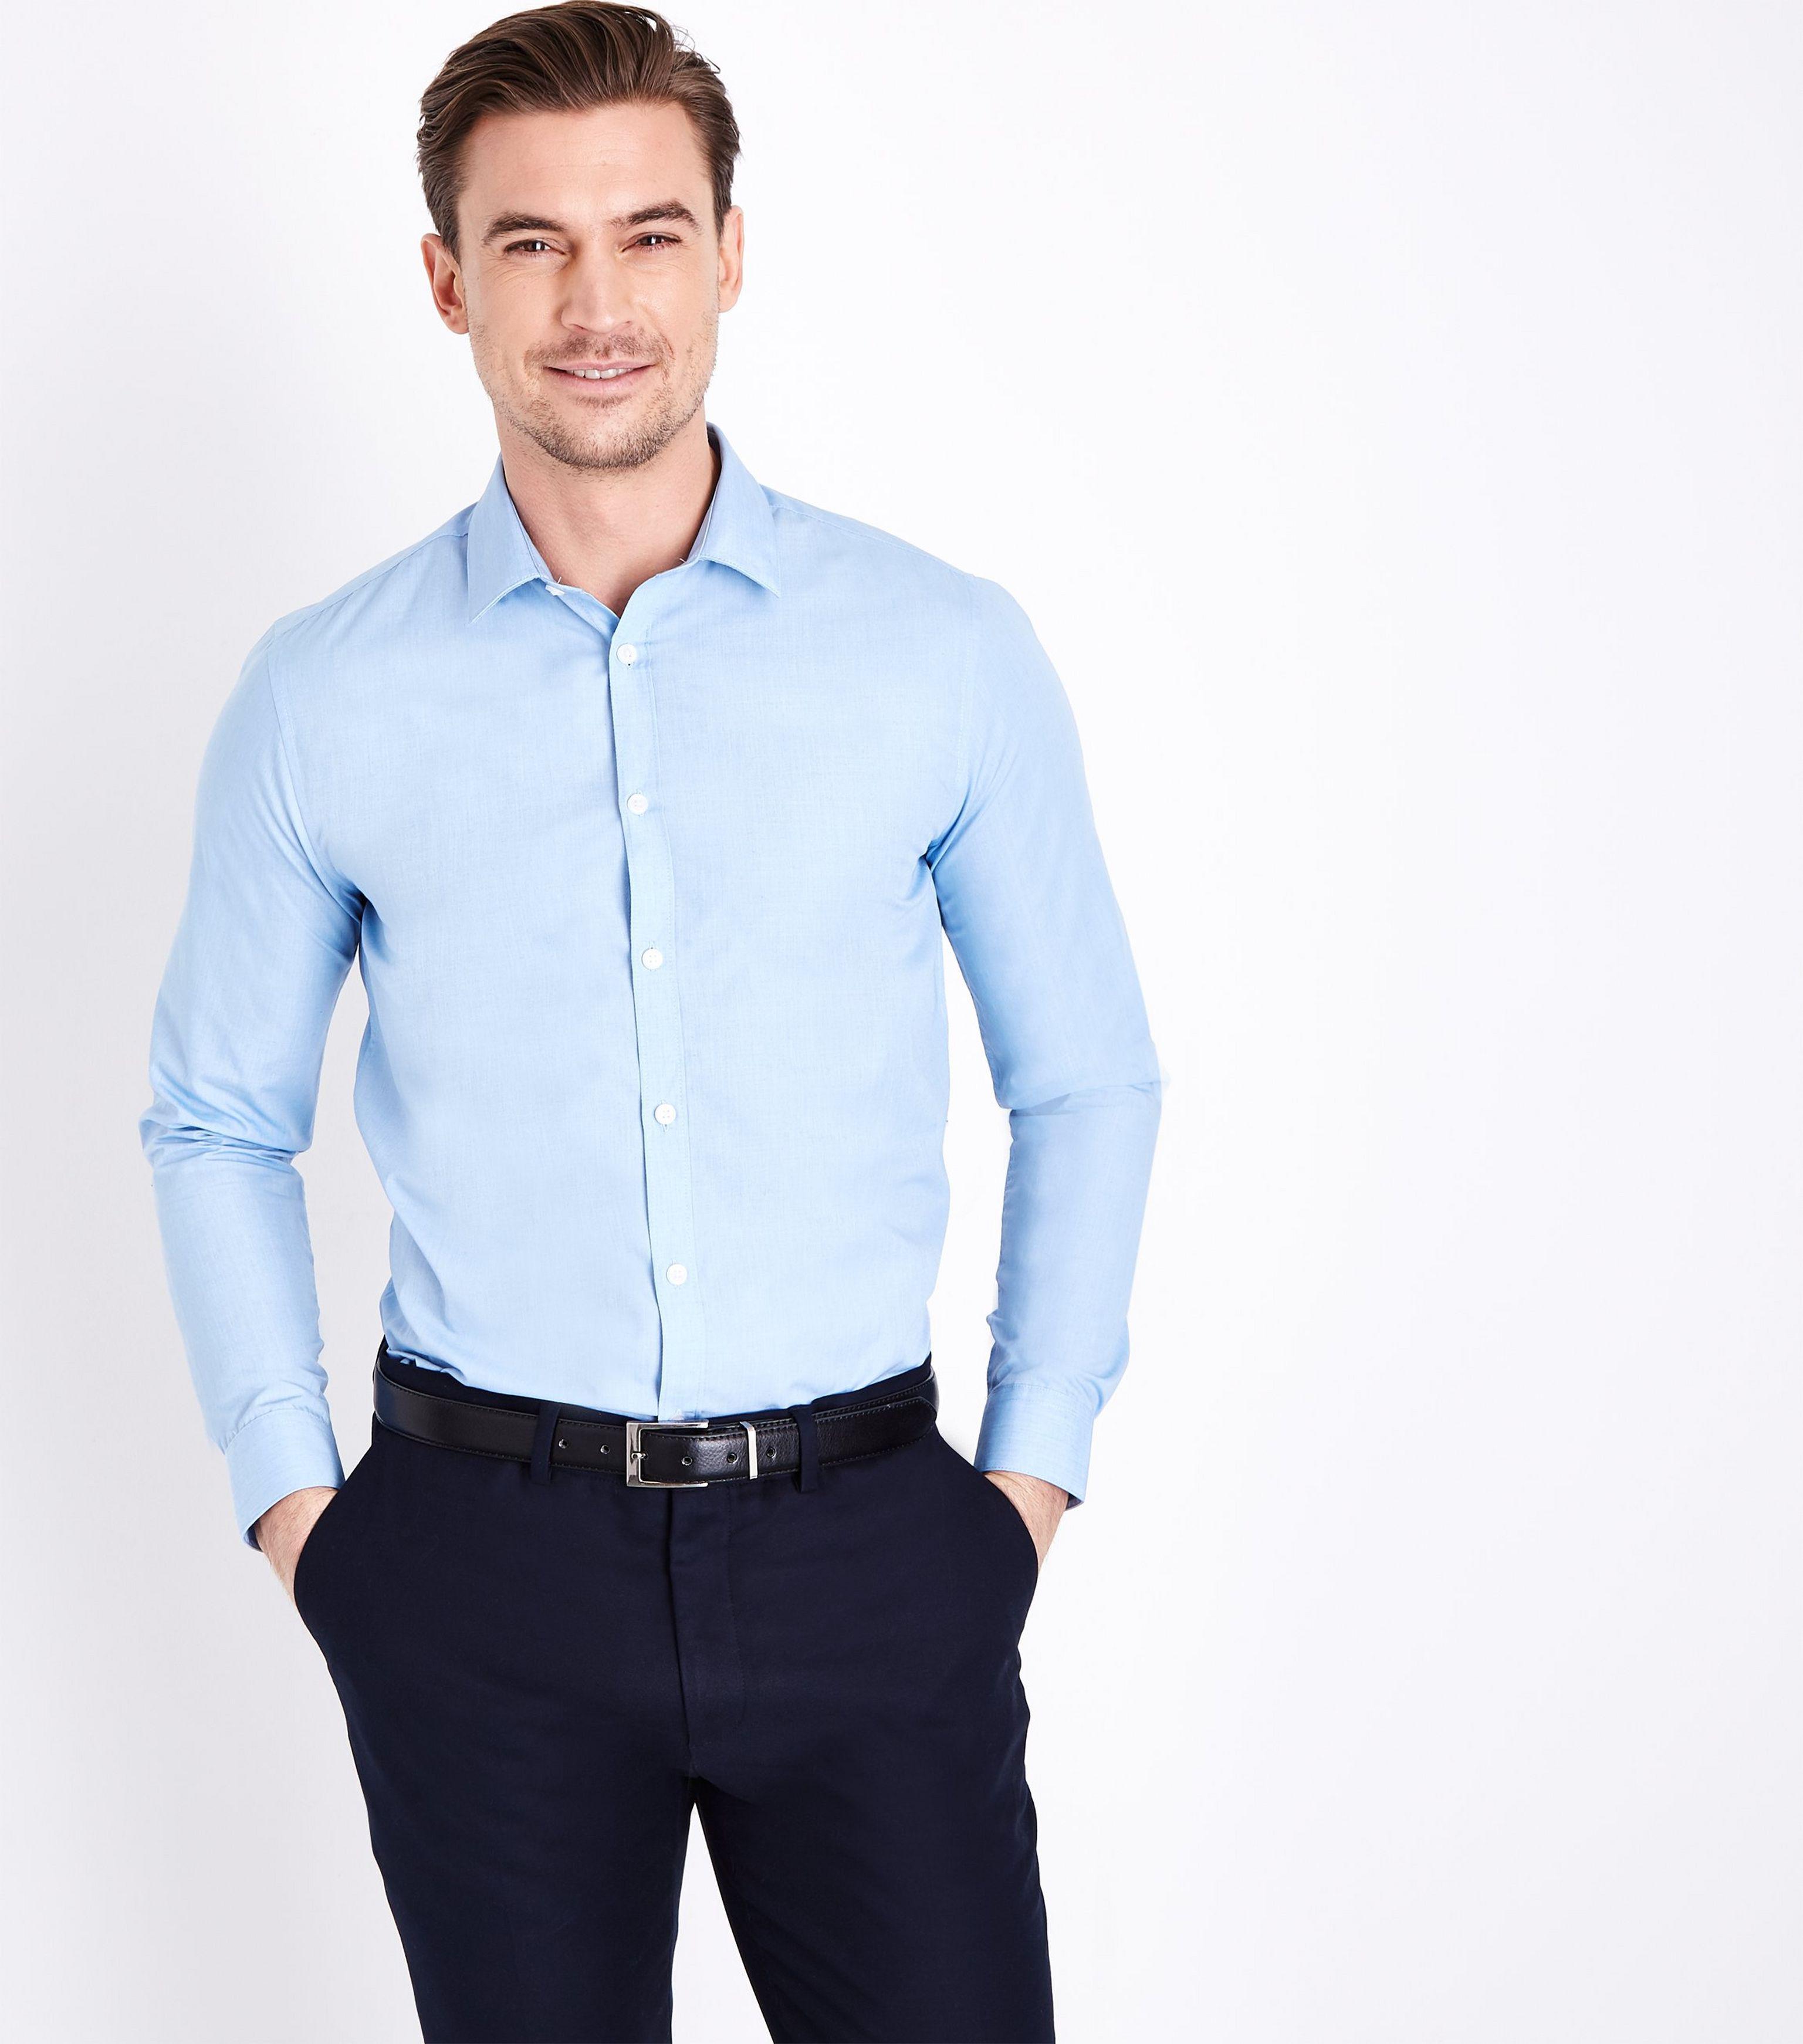 742622da459 New Look Pale Blue Long Sleeve Poplin Shirt in Blue for Men - Lyst